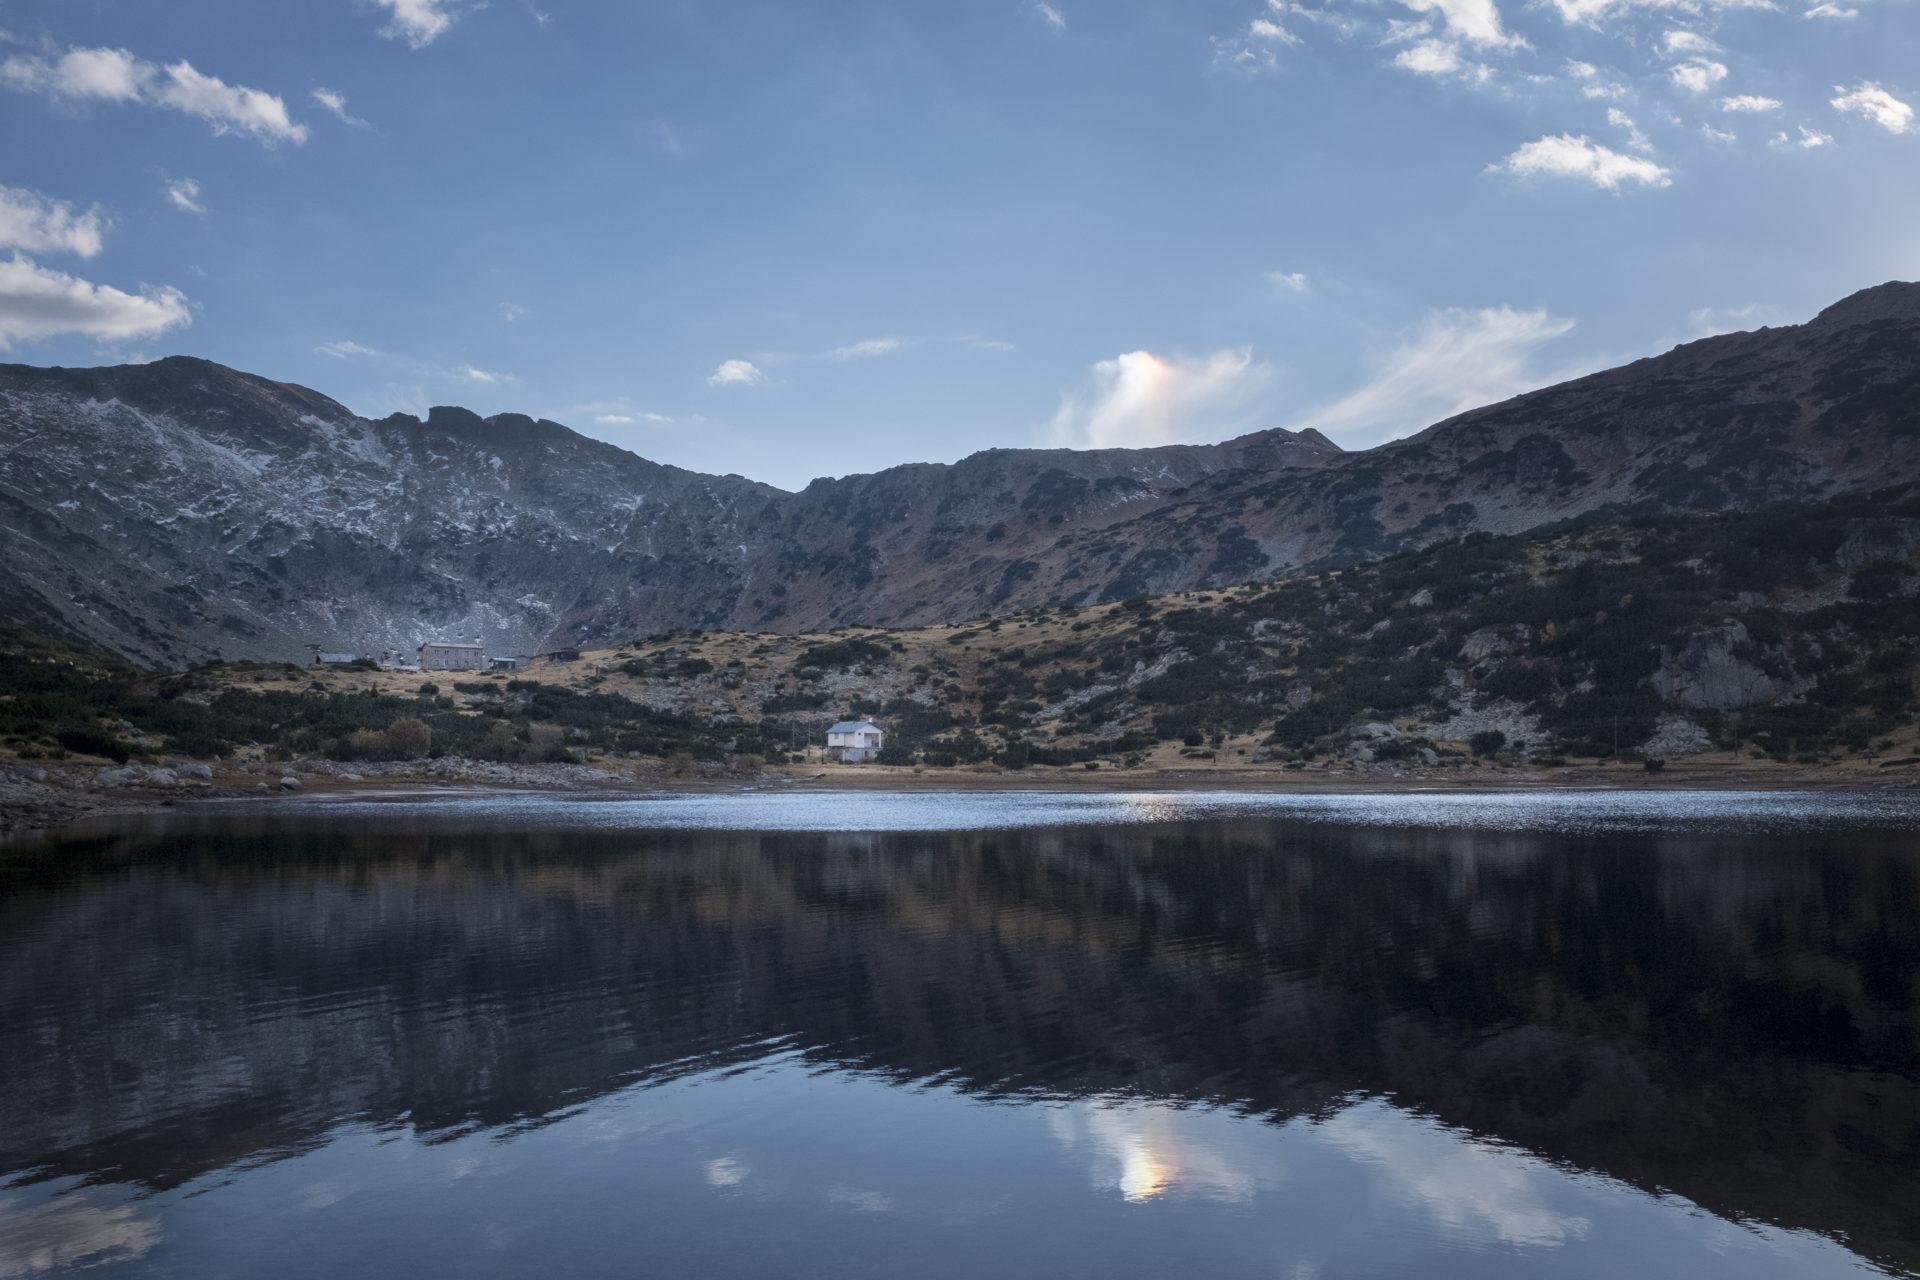 Refuge de Ribni ezera, randonnée des sept lacs, montagne de Rila, Bulgarie, 2017